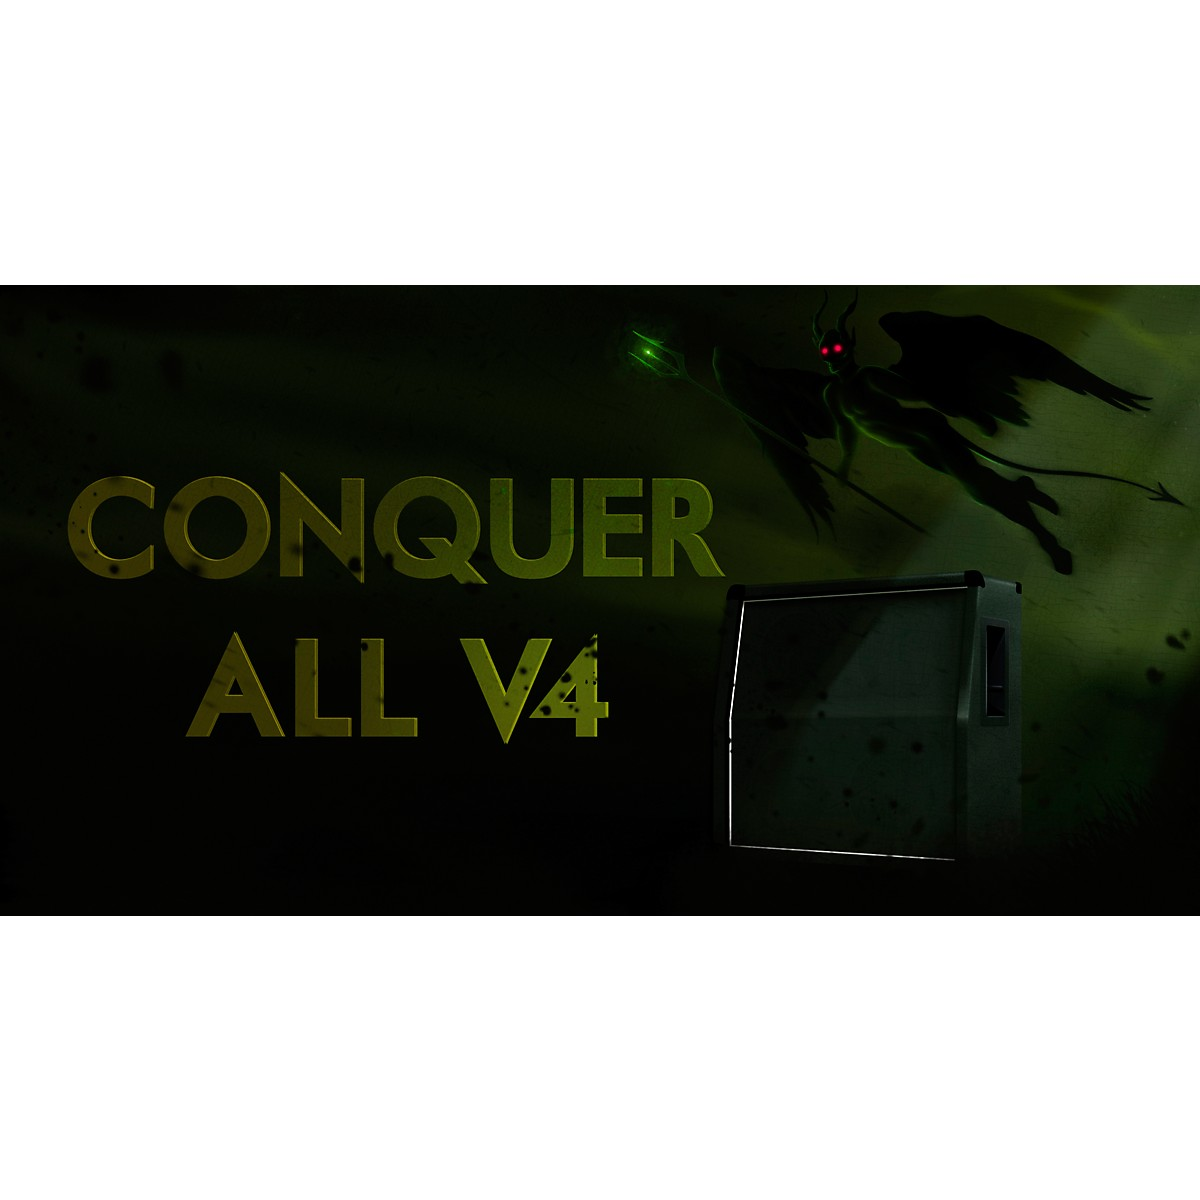 Joey Sturgis Tones Conquer All V4